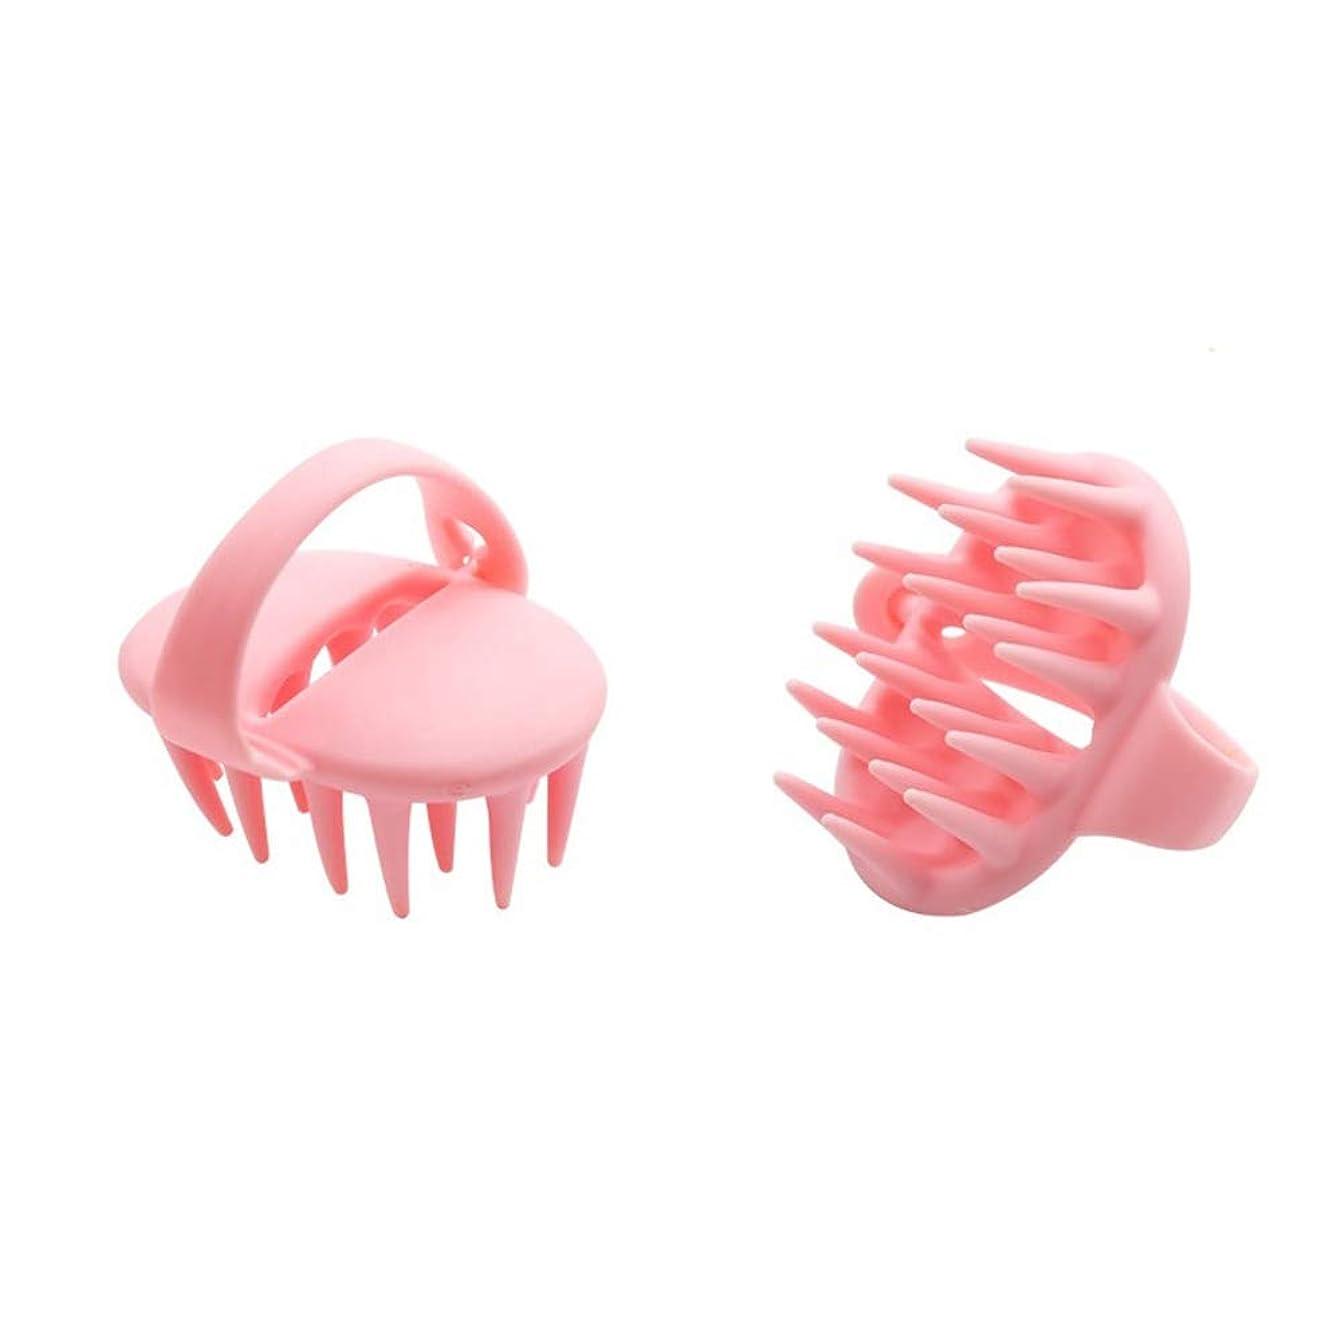 フィクション活気づく事業Healifty 調整可能なハンドル付きシリコンシャンプーブラシスカルプマッサージブラシ(ピンク)